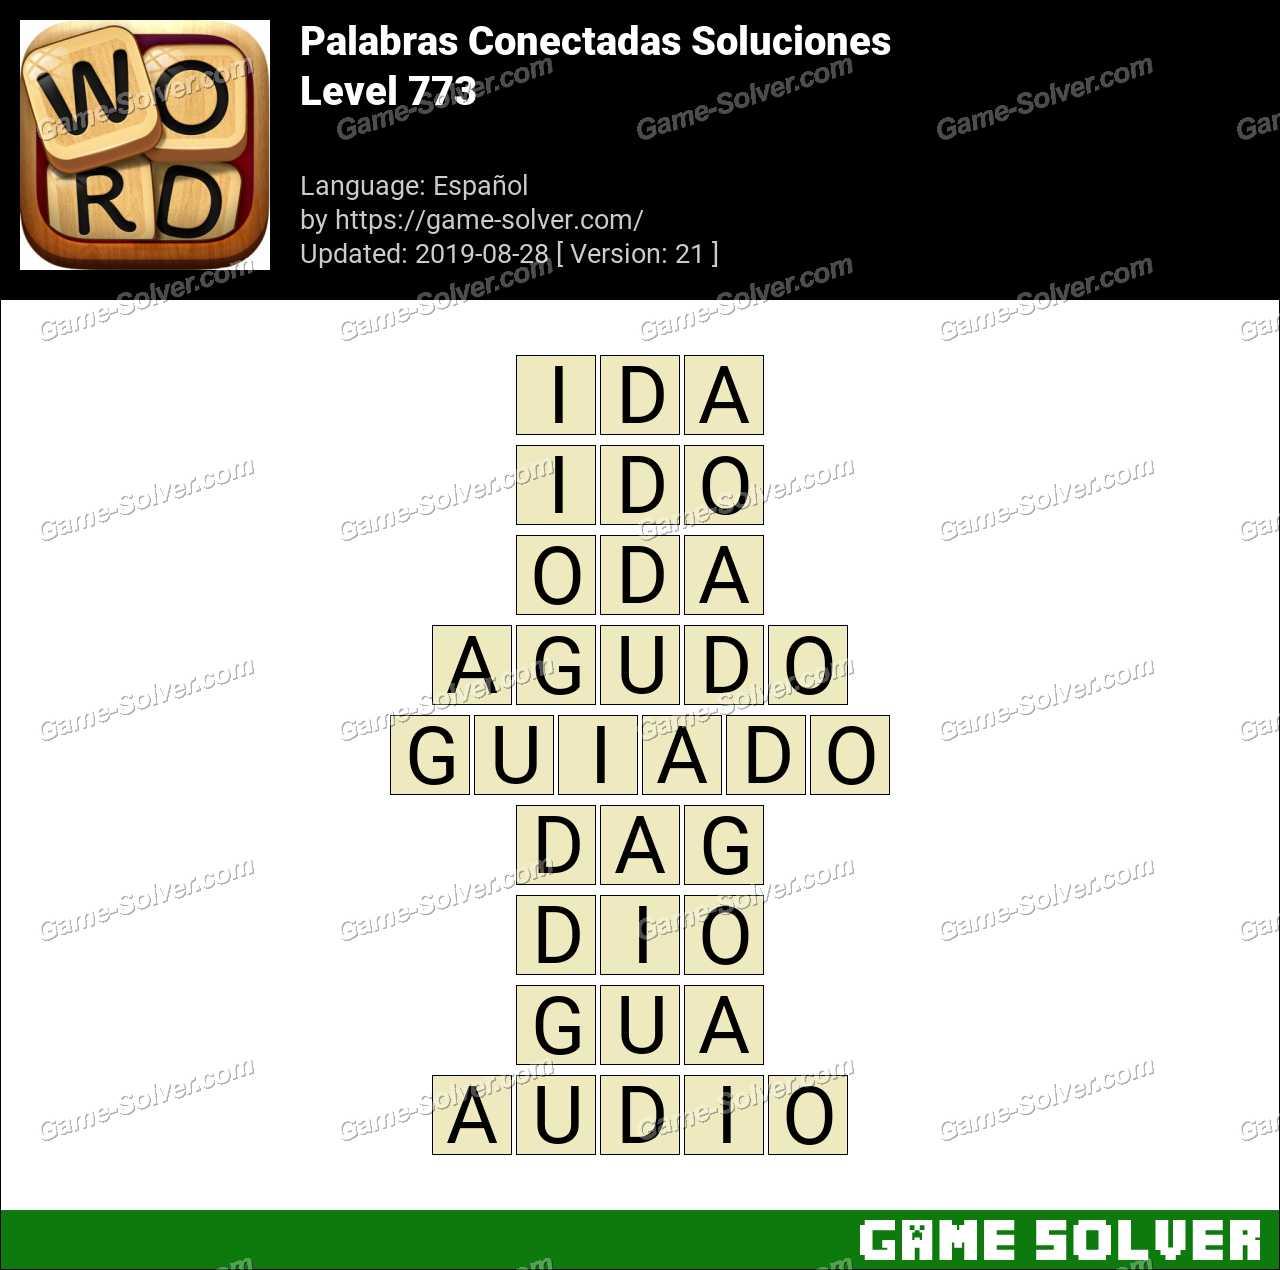 Palabras Conectadas Nivel 773 Soluciones